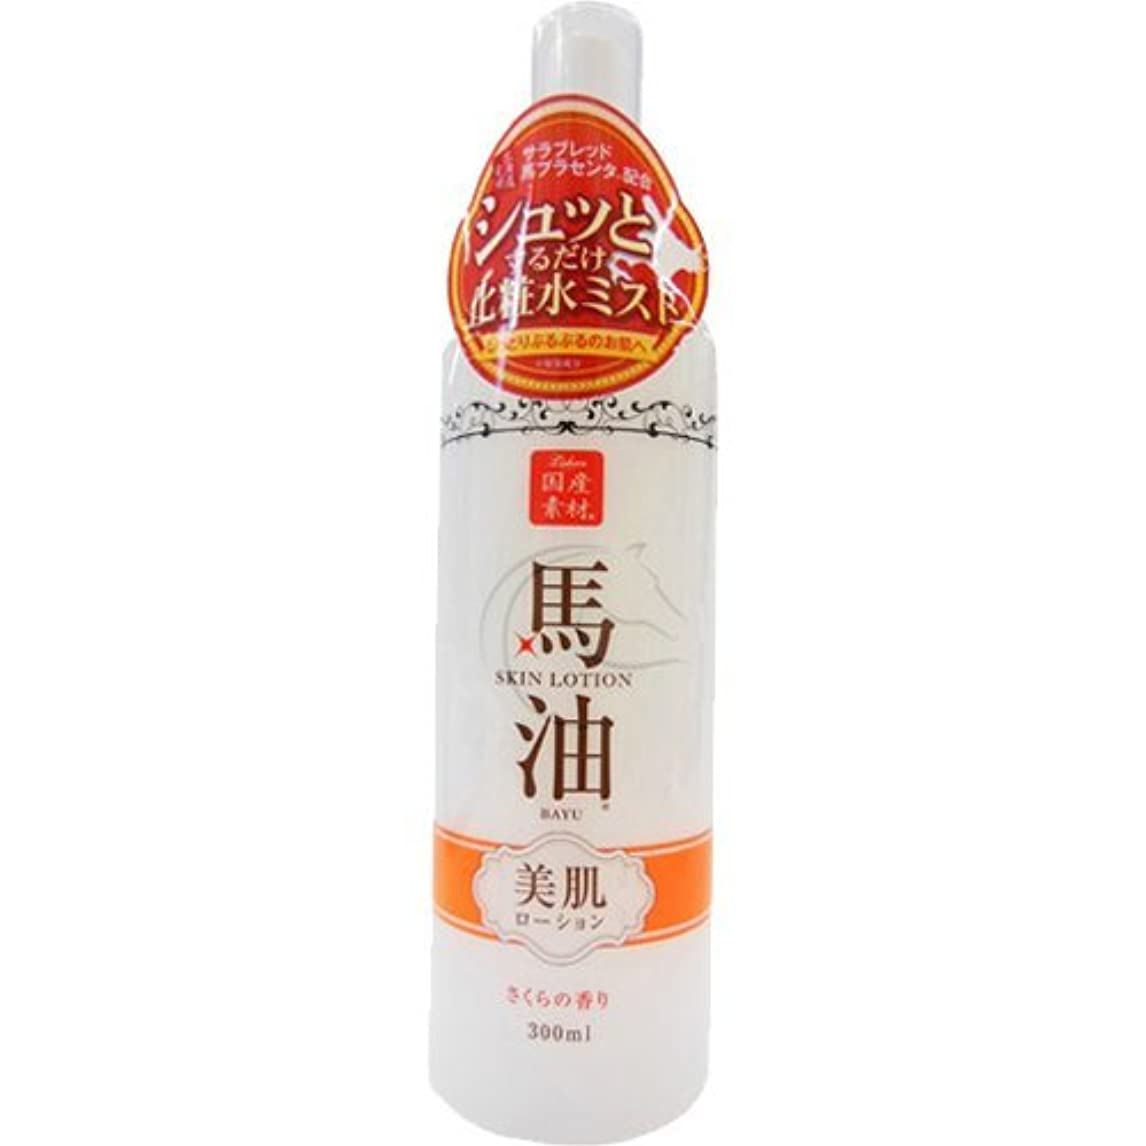 カポックグラス哺乳類リシャン 馬油化粧水 さくらの香り 300mL